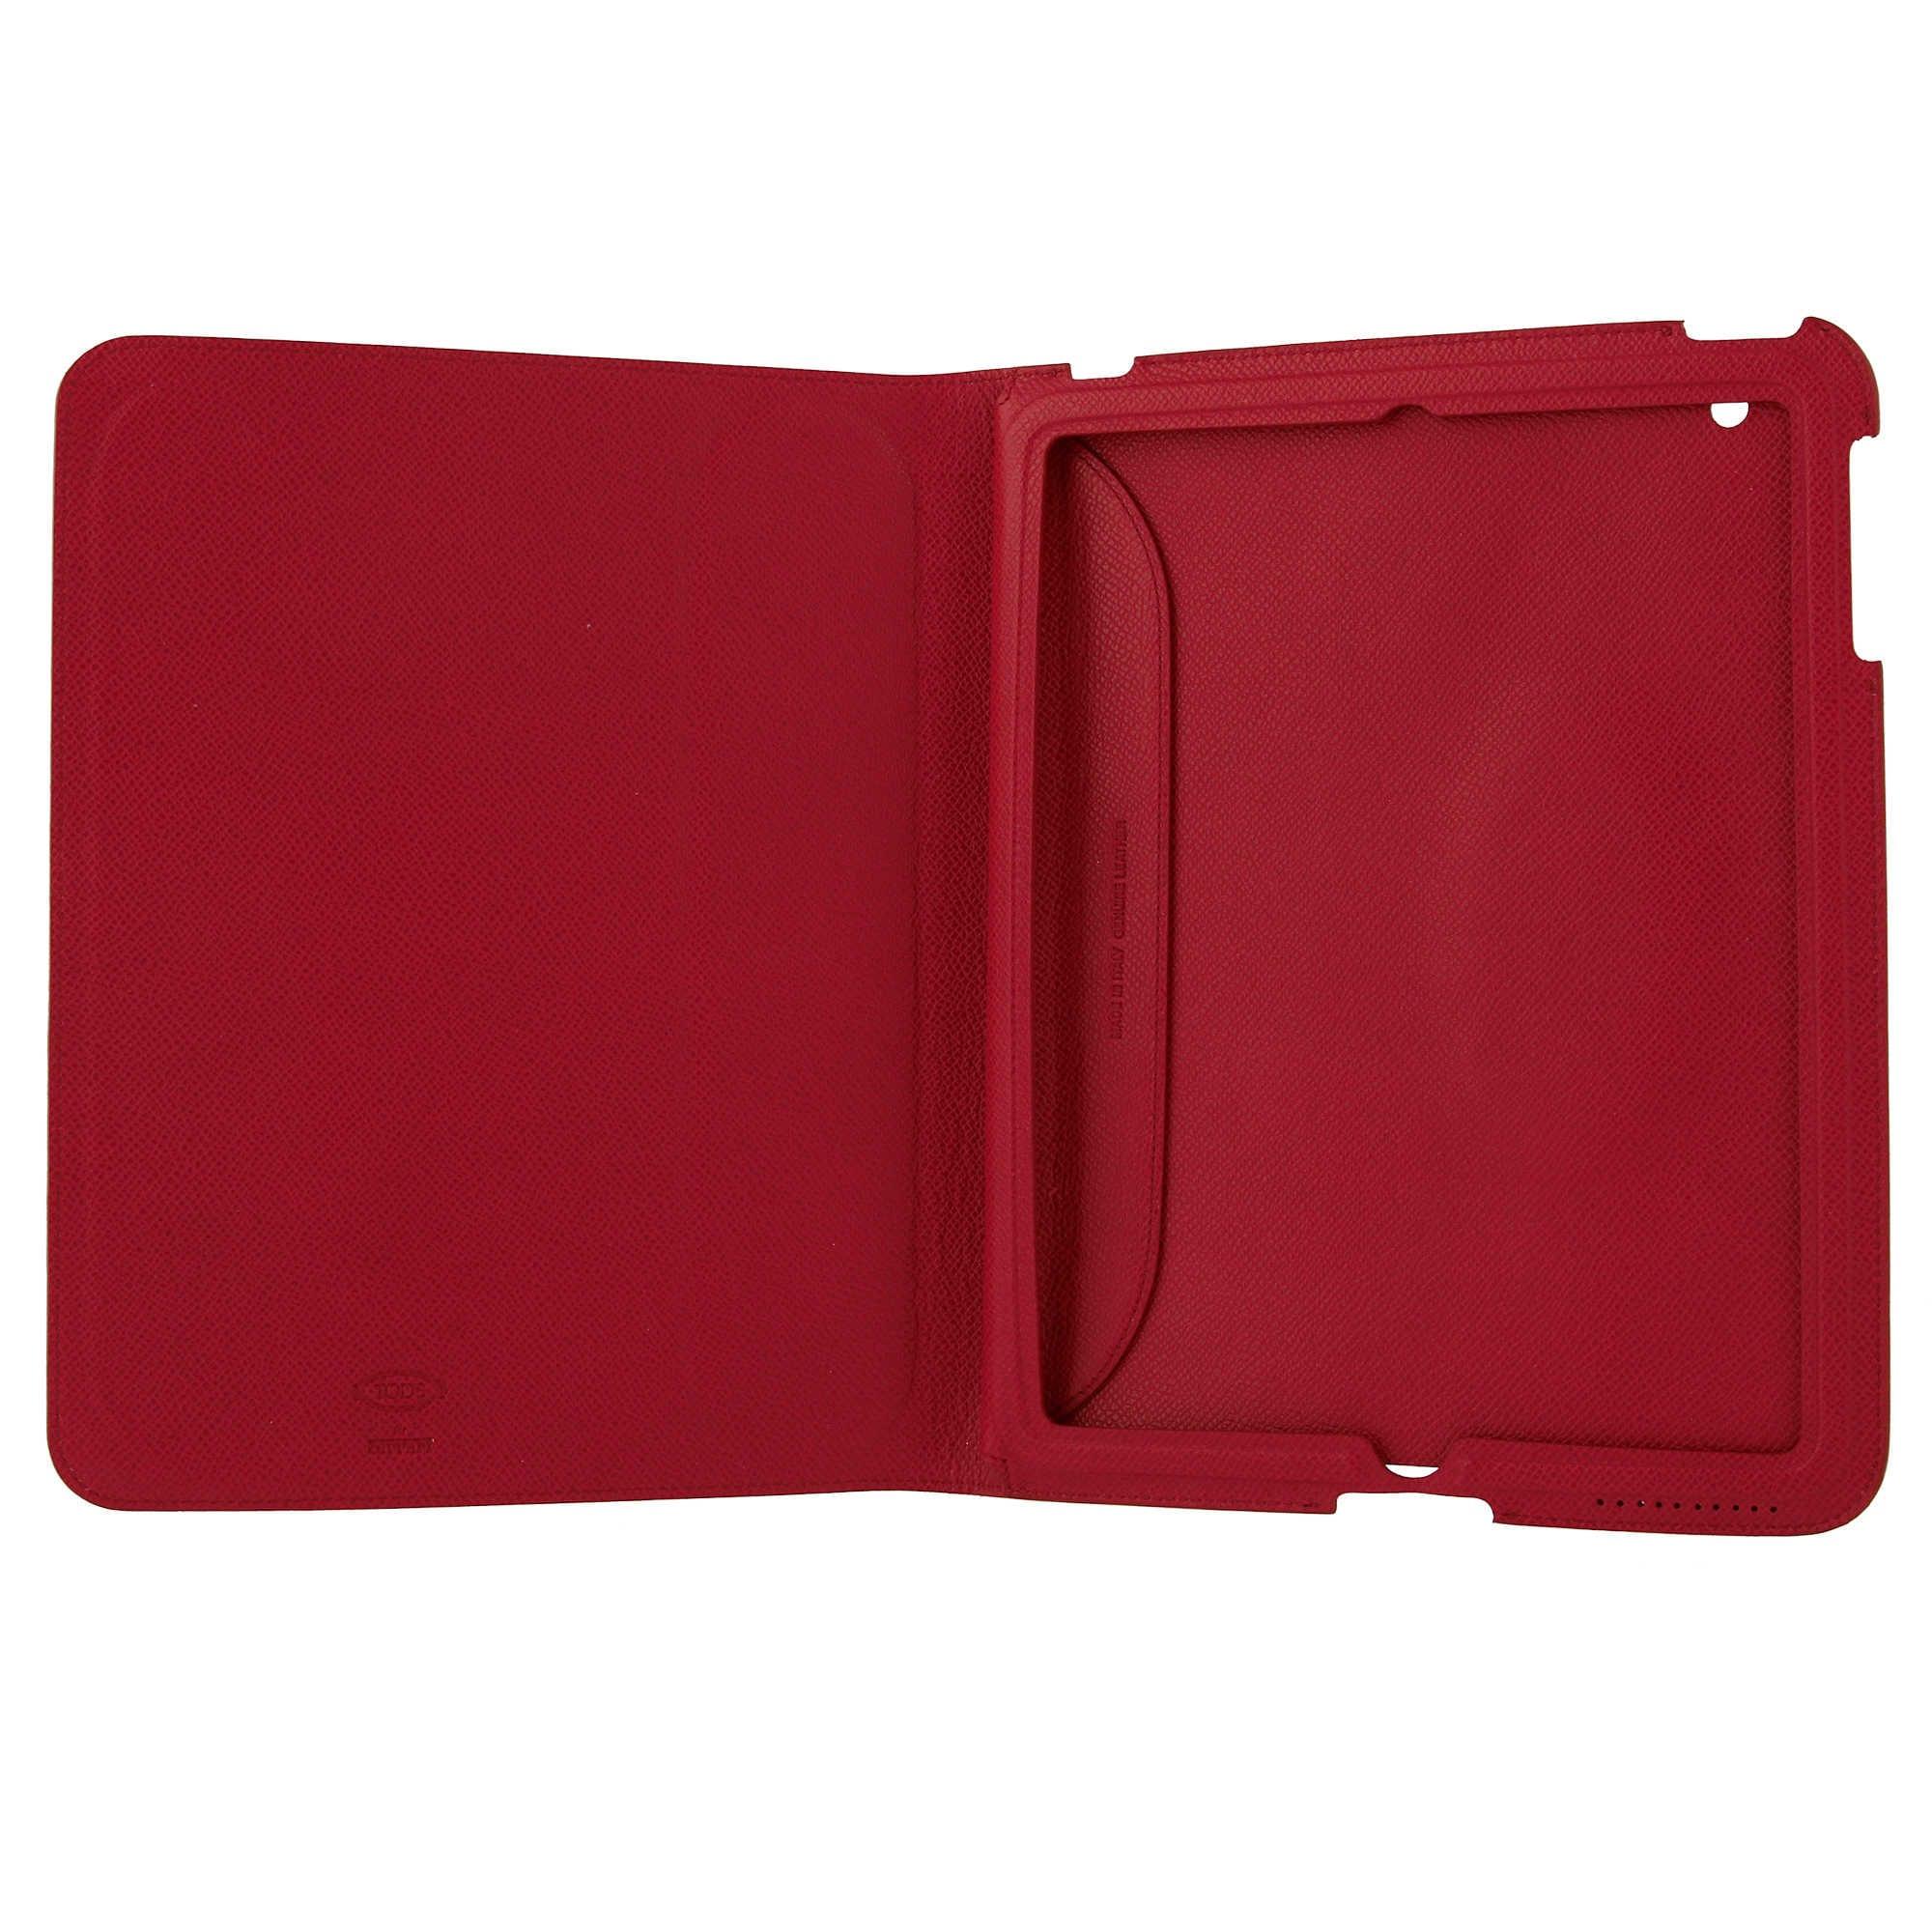 Accessoire ipad 2 une housse de protection ferrari au for Housse protection ipad